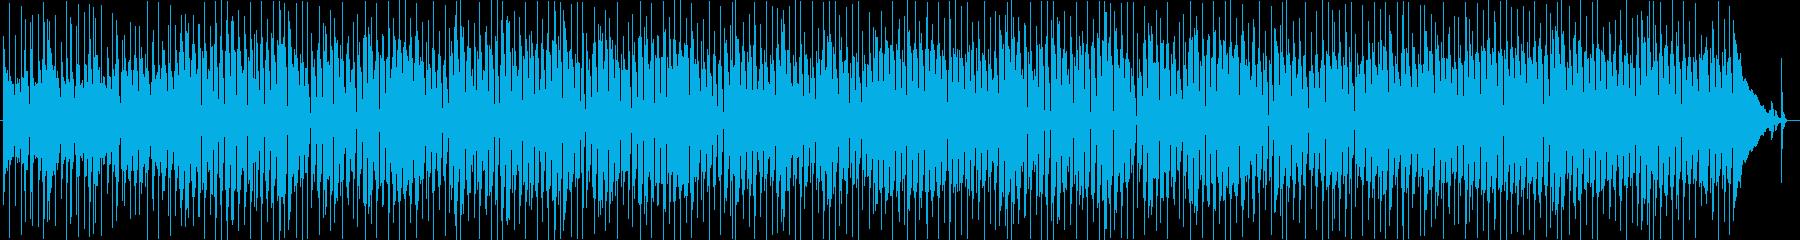 月曜の朝に元気が出るBGMの再生済みの波形